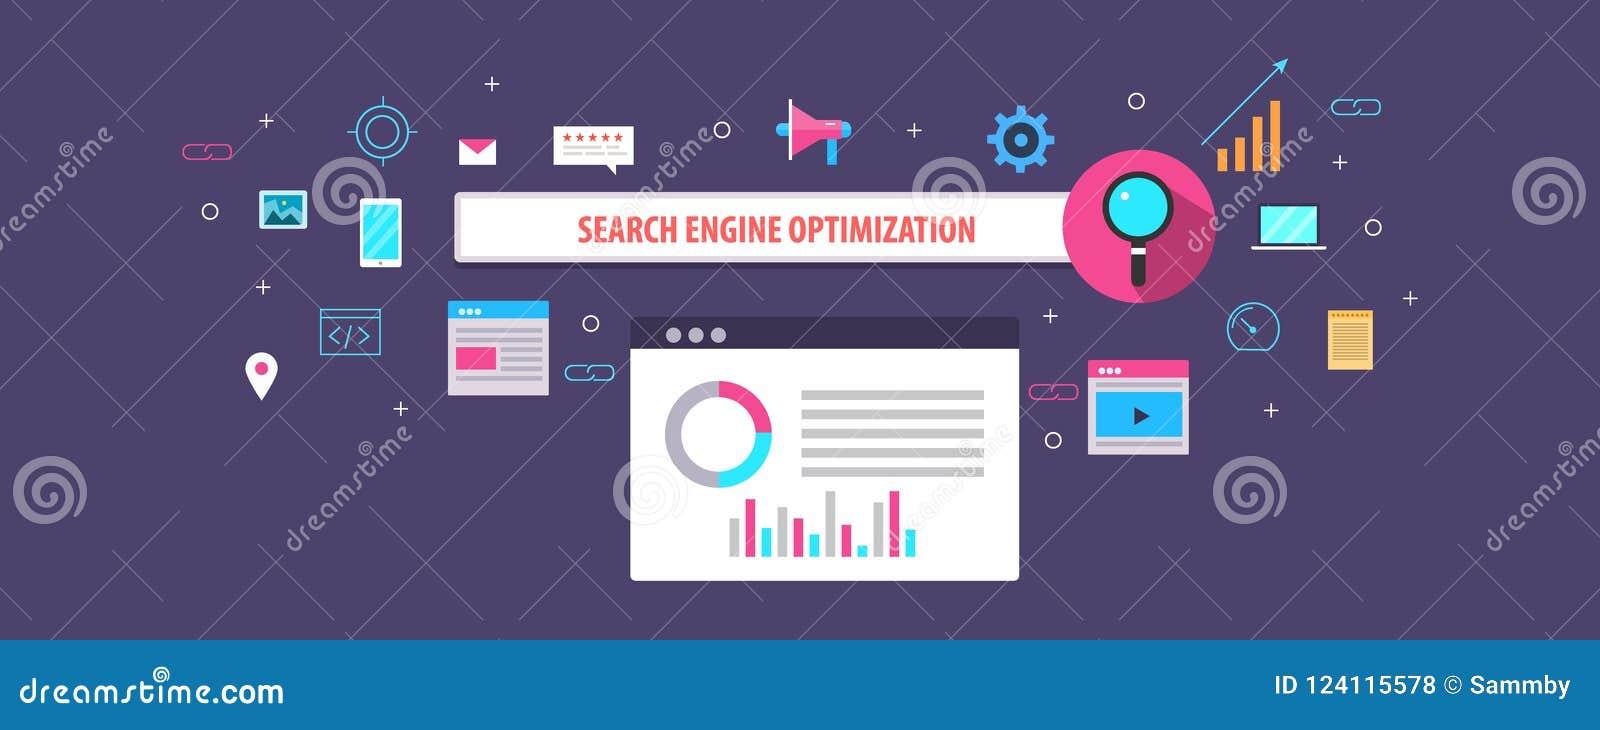 Concetto di progetto piano di ottimizzazione del motore di ricerca, del seo, del posto di ricerca e della visibilità sul web